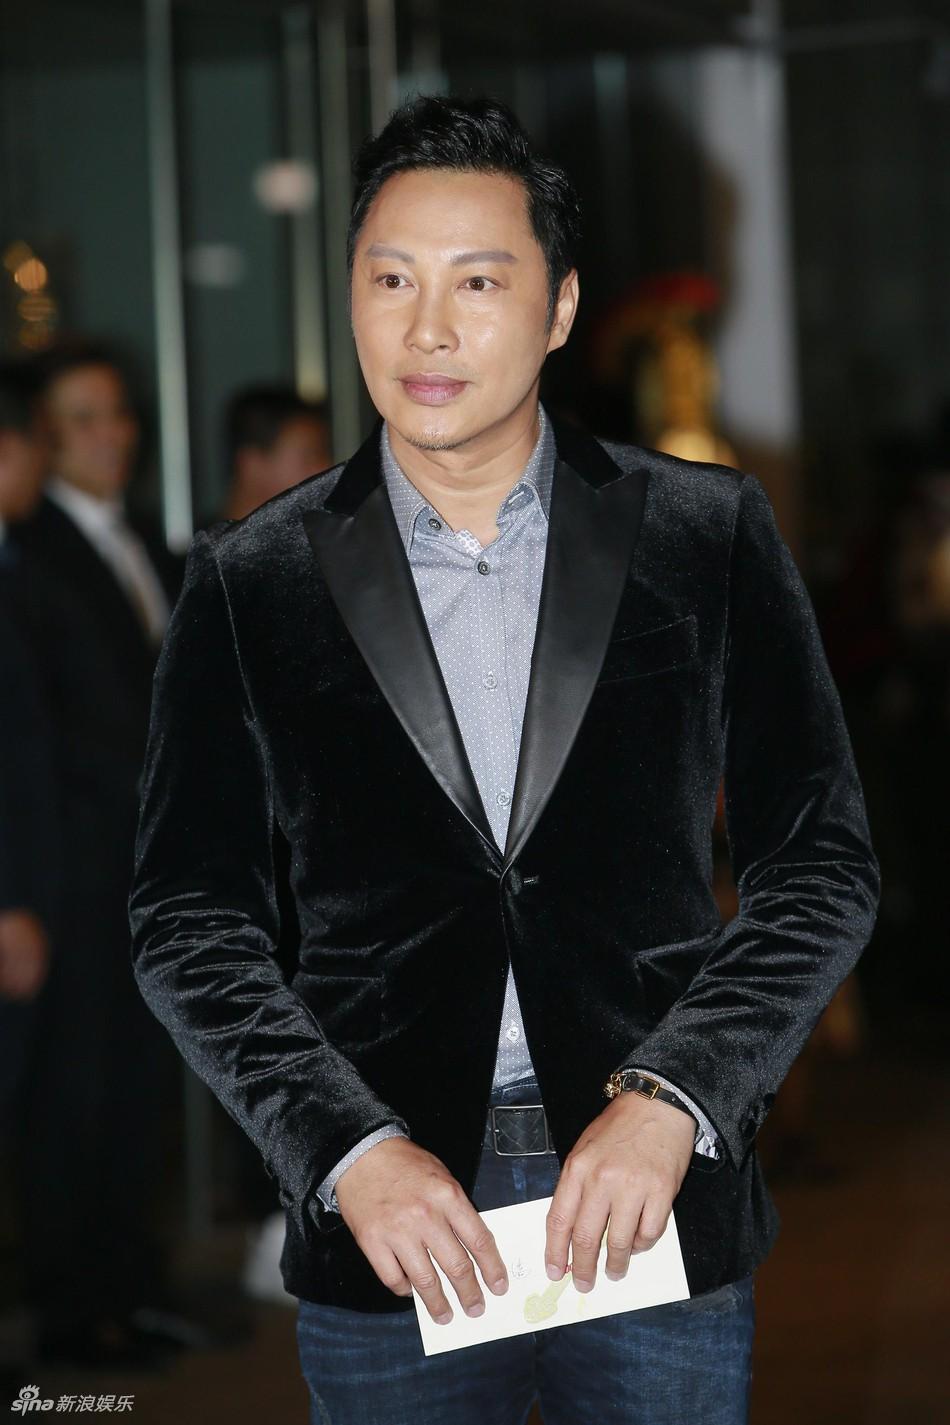 Đám cưới hoành tráng của Chung Hân Đồng: Ông trùm showbiz Hong Kong, con gái tài phiệt Macau cùng dàn sao hạng A tề tựu đông đủ - Ảnh 19.